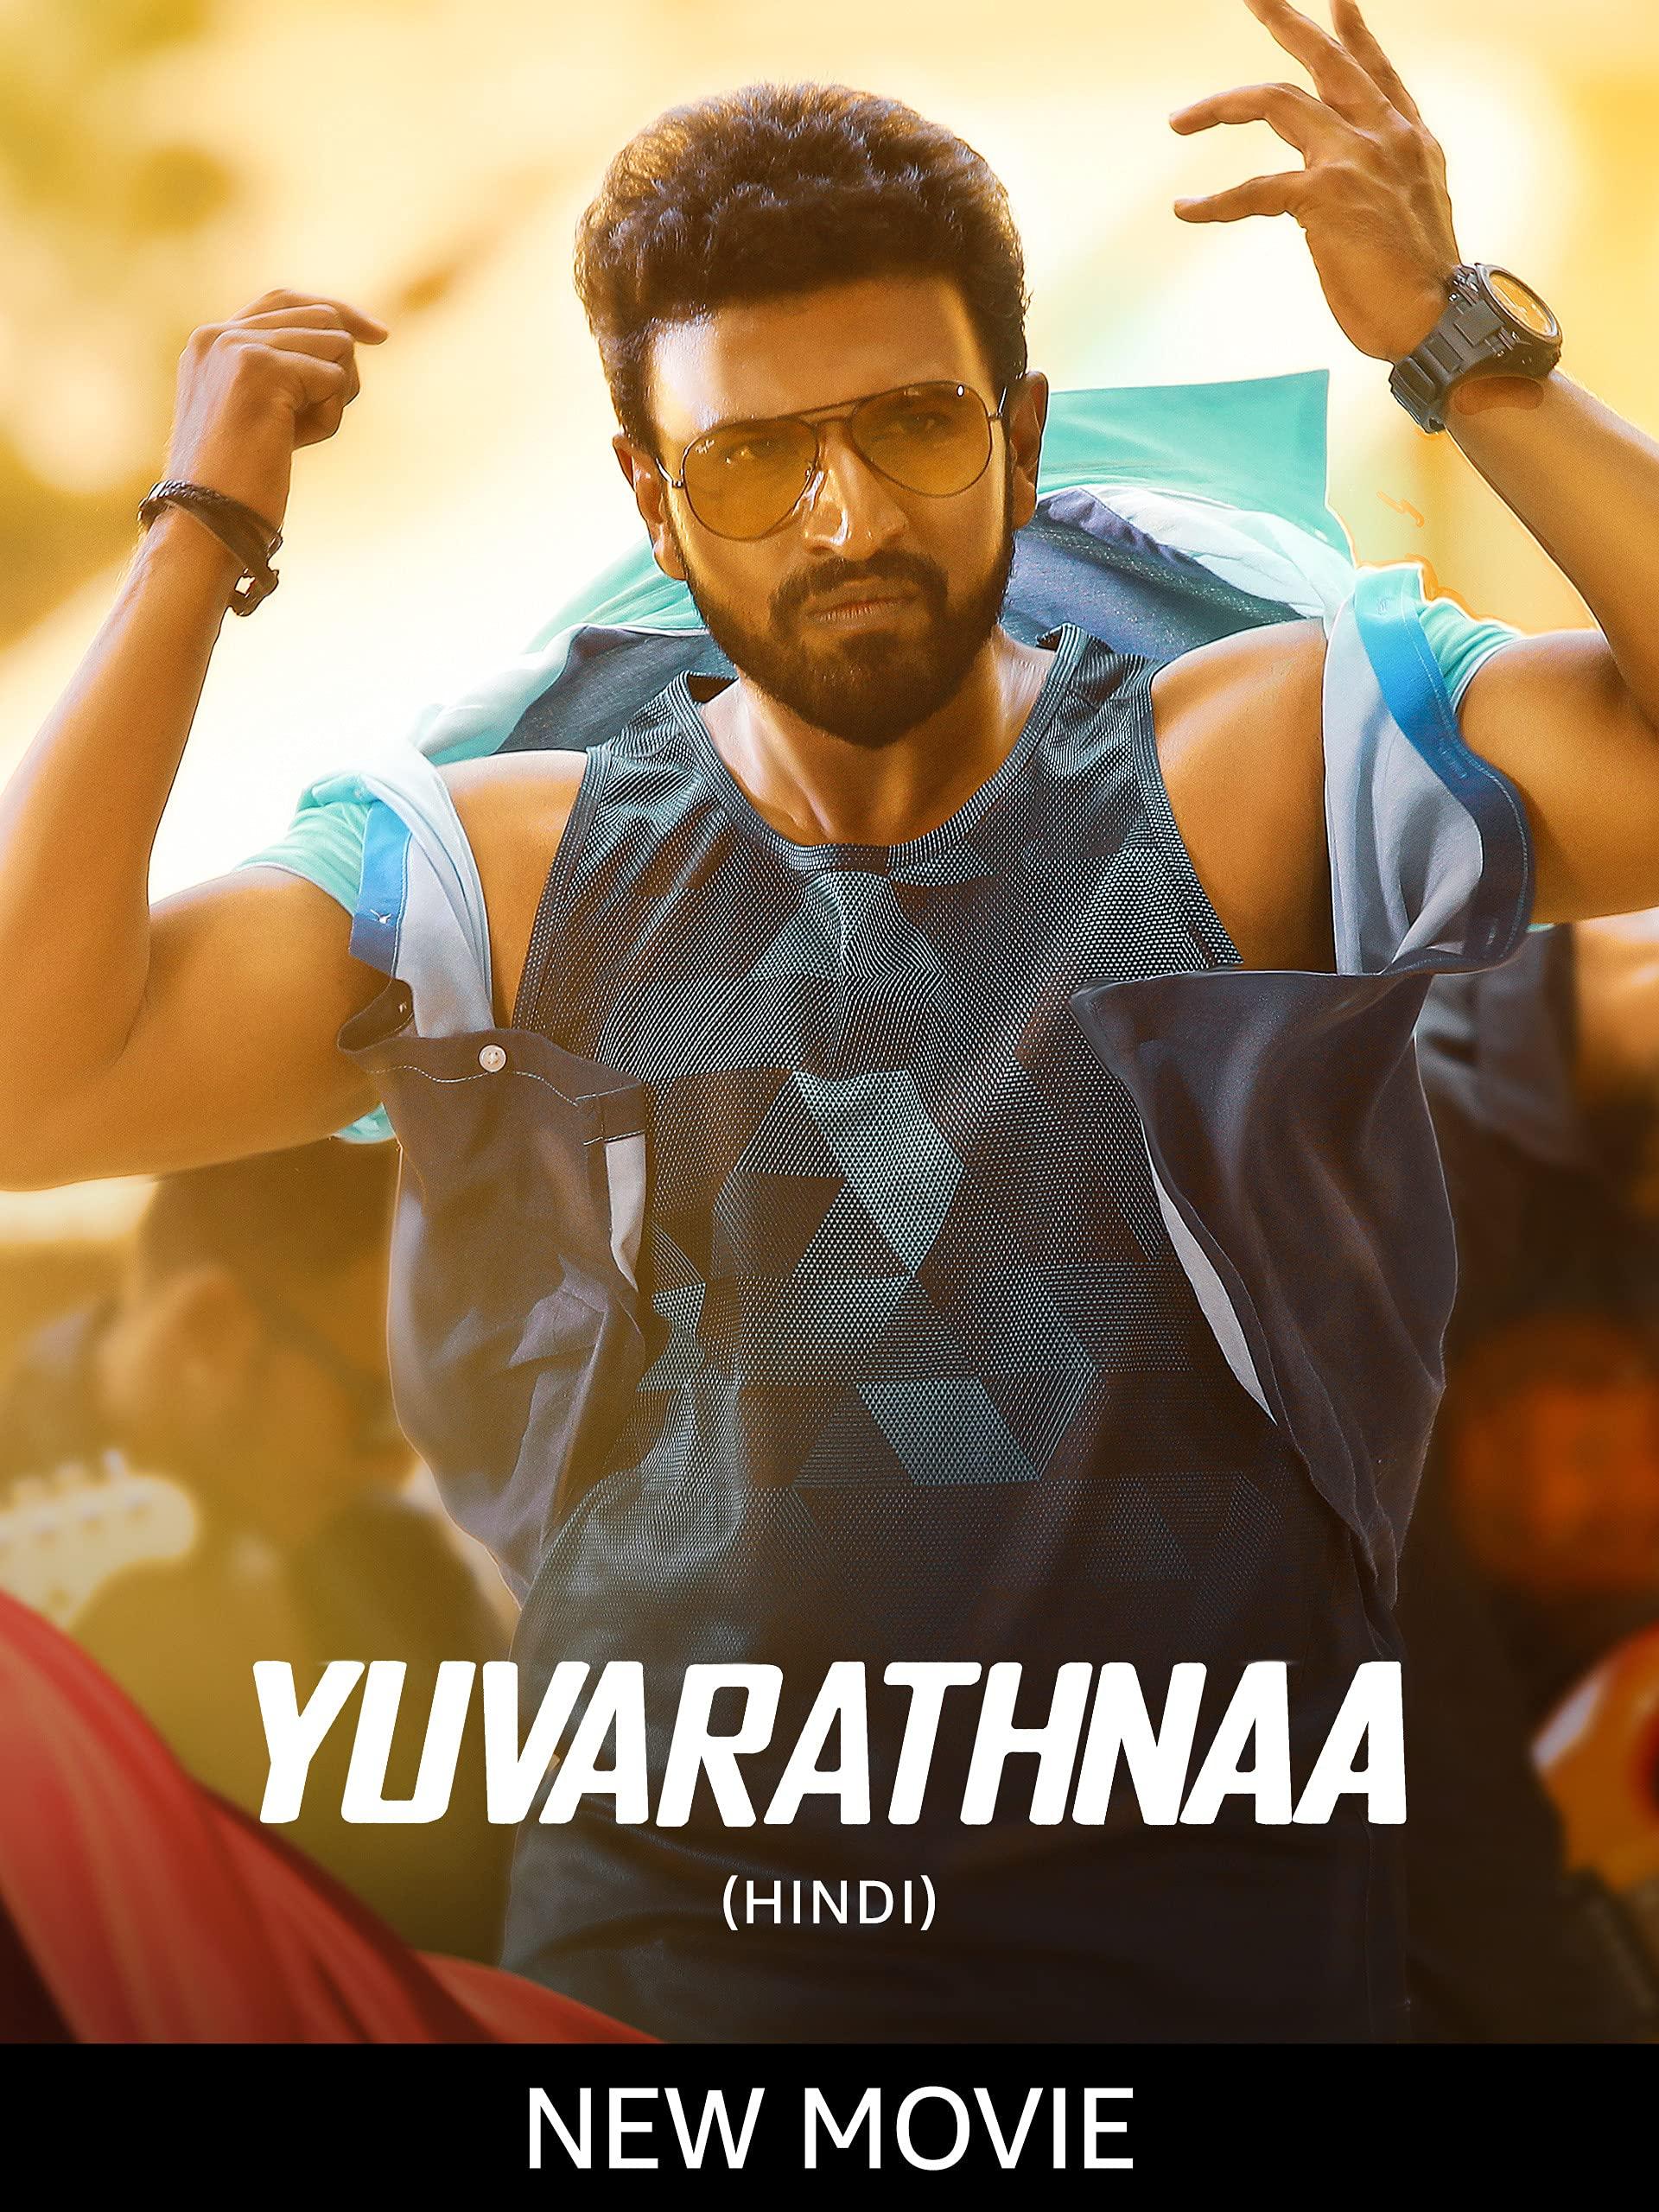 Yuvarathnaa (Hindi) on Amazon Prime Video UK